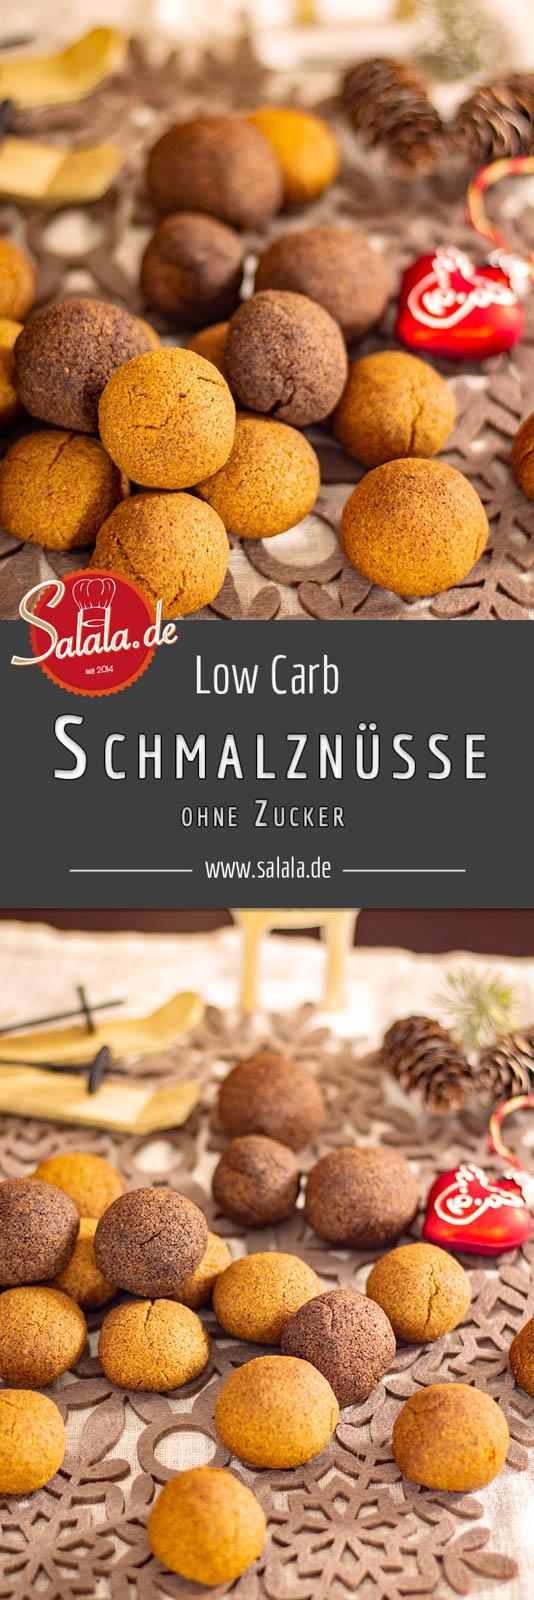 Schmalznüsse - by salala.de - ohne Mehl und ohne Zucker Low Carb Rezept mit Schweineschmalz zu Weihnachten #schmalznüsse #plätzchen #lowcarbbacken #backen #weihnachten #weihnachtsplätzchen #weihnachtskekse #weihnachtsbäckerei #glutenfrei #zuckerfrei